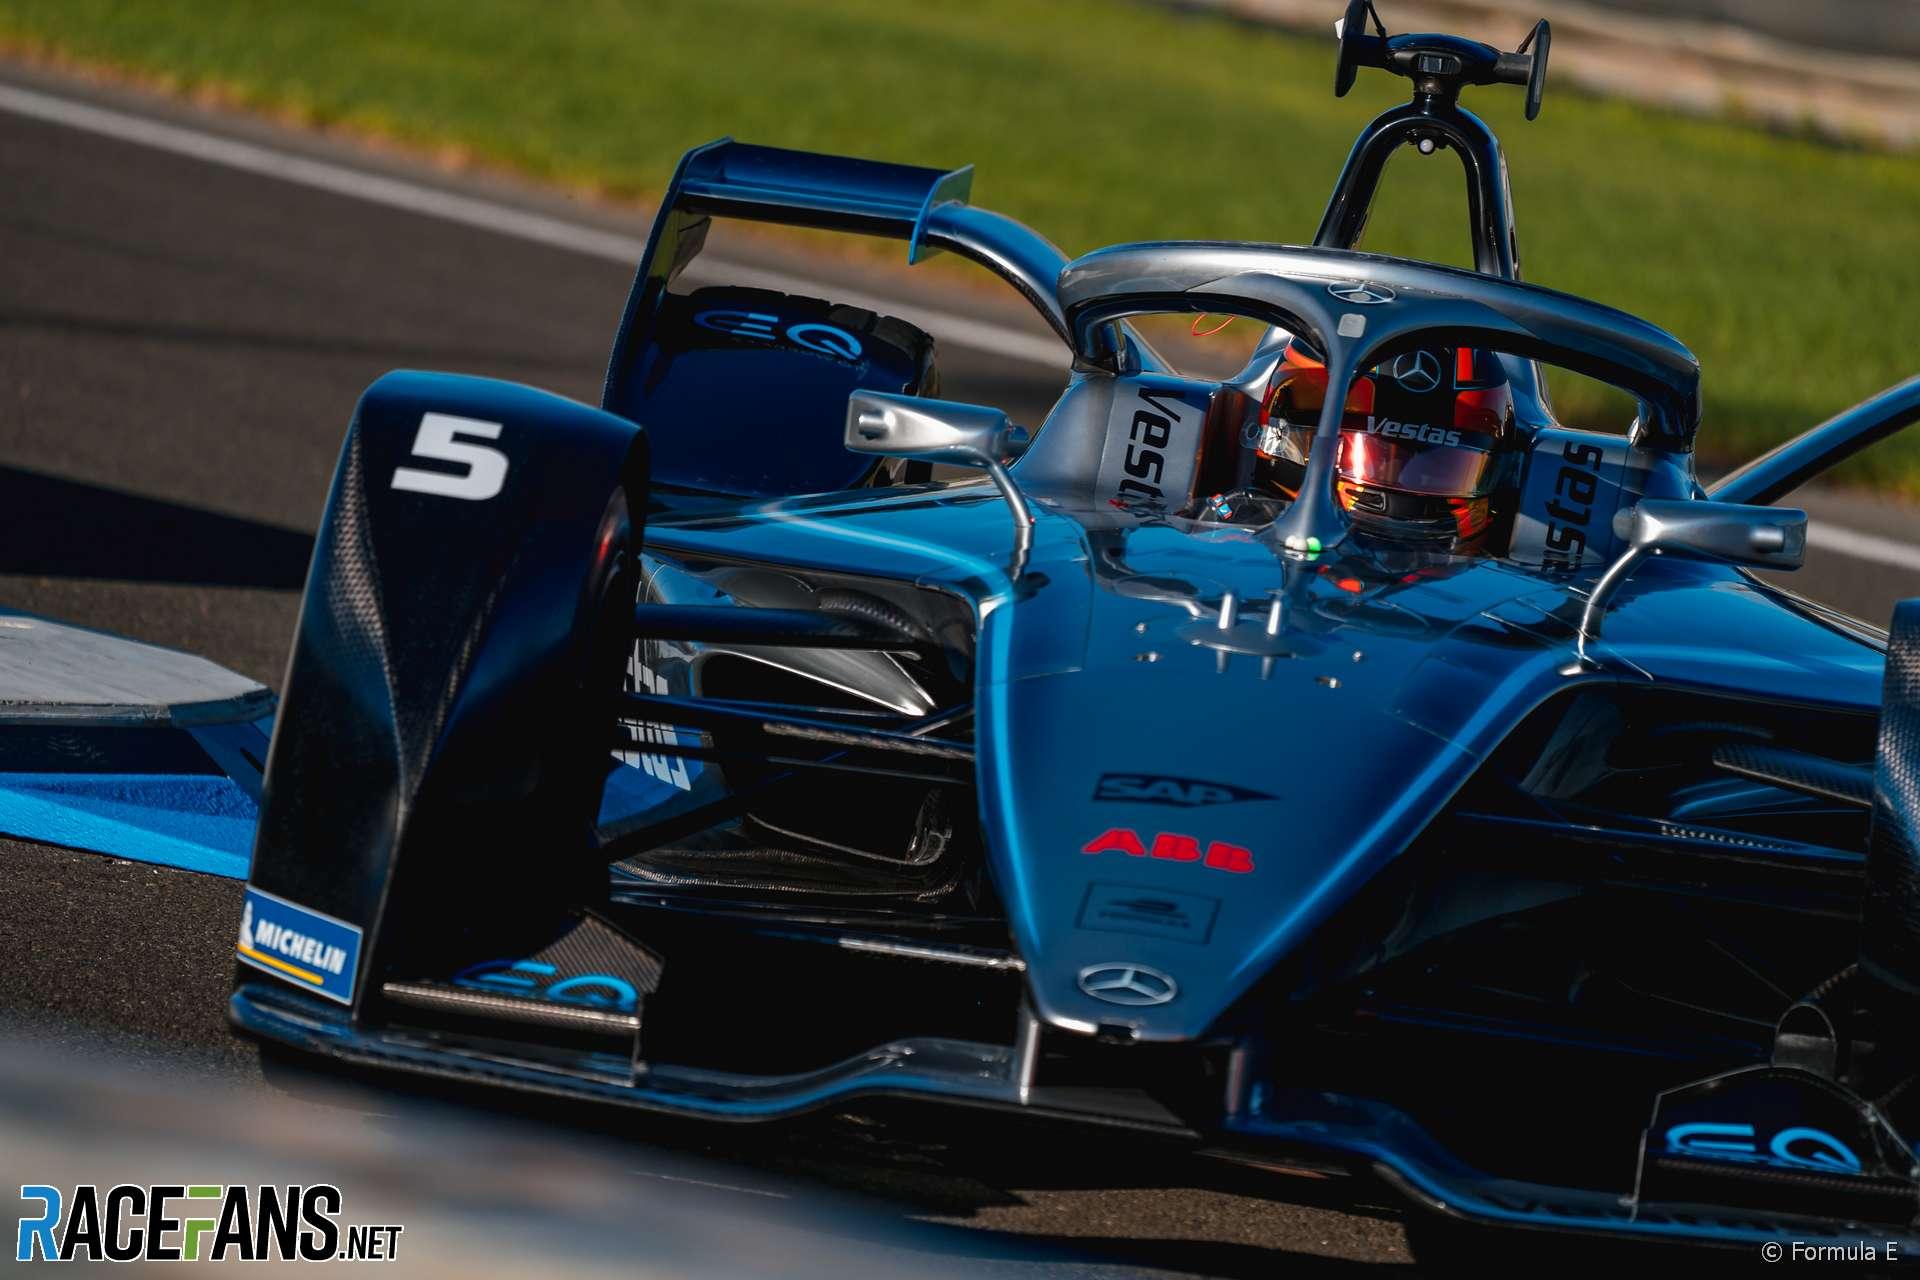 racefansdotnet-20191015-090854-11.jpg